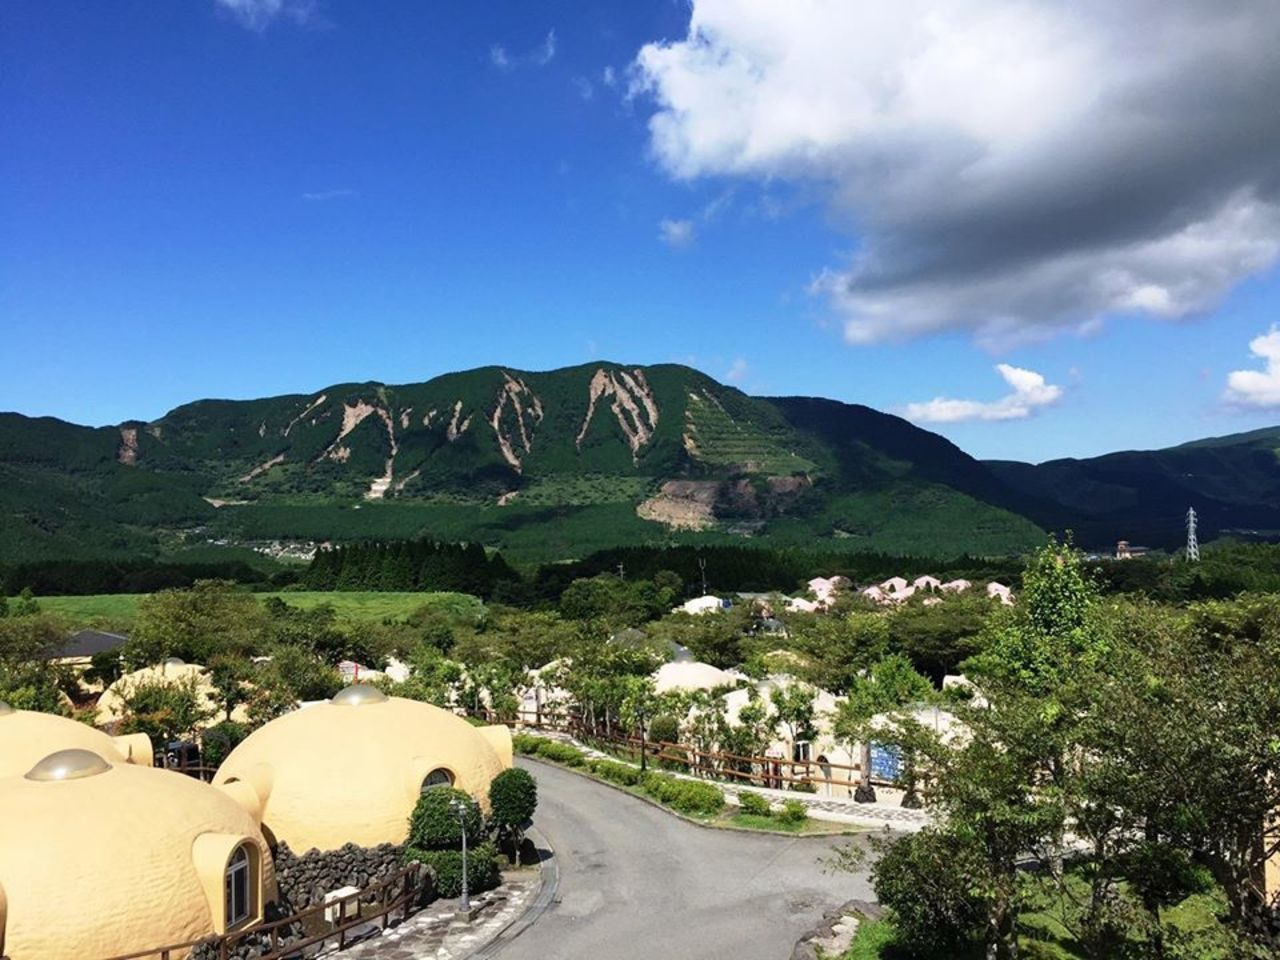 大自然健康テーマパーク...熊本県阿蘇郡南阿蘇村の「阿蘇ファームランド」